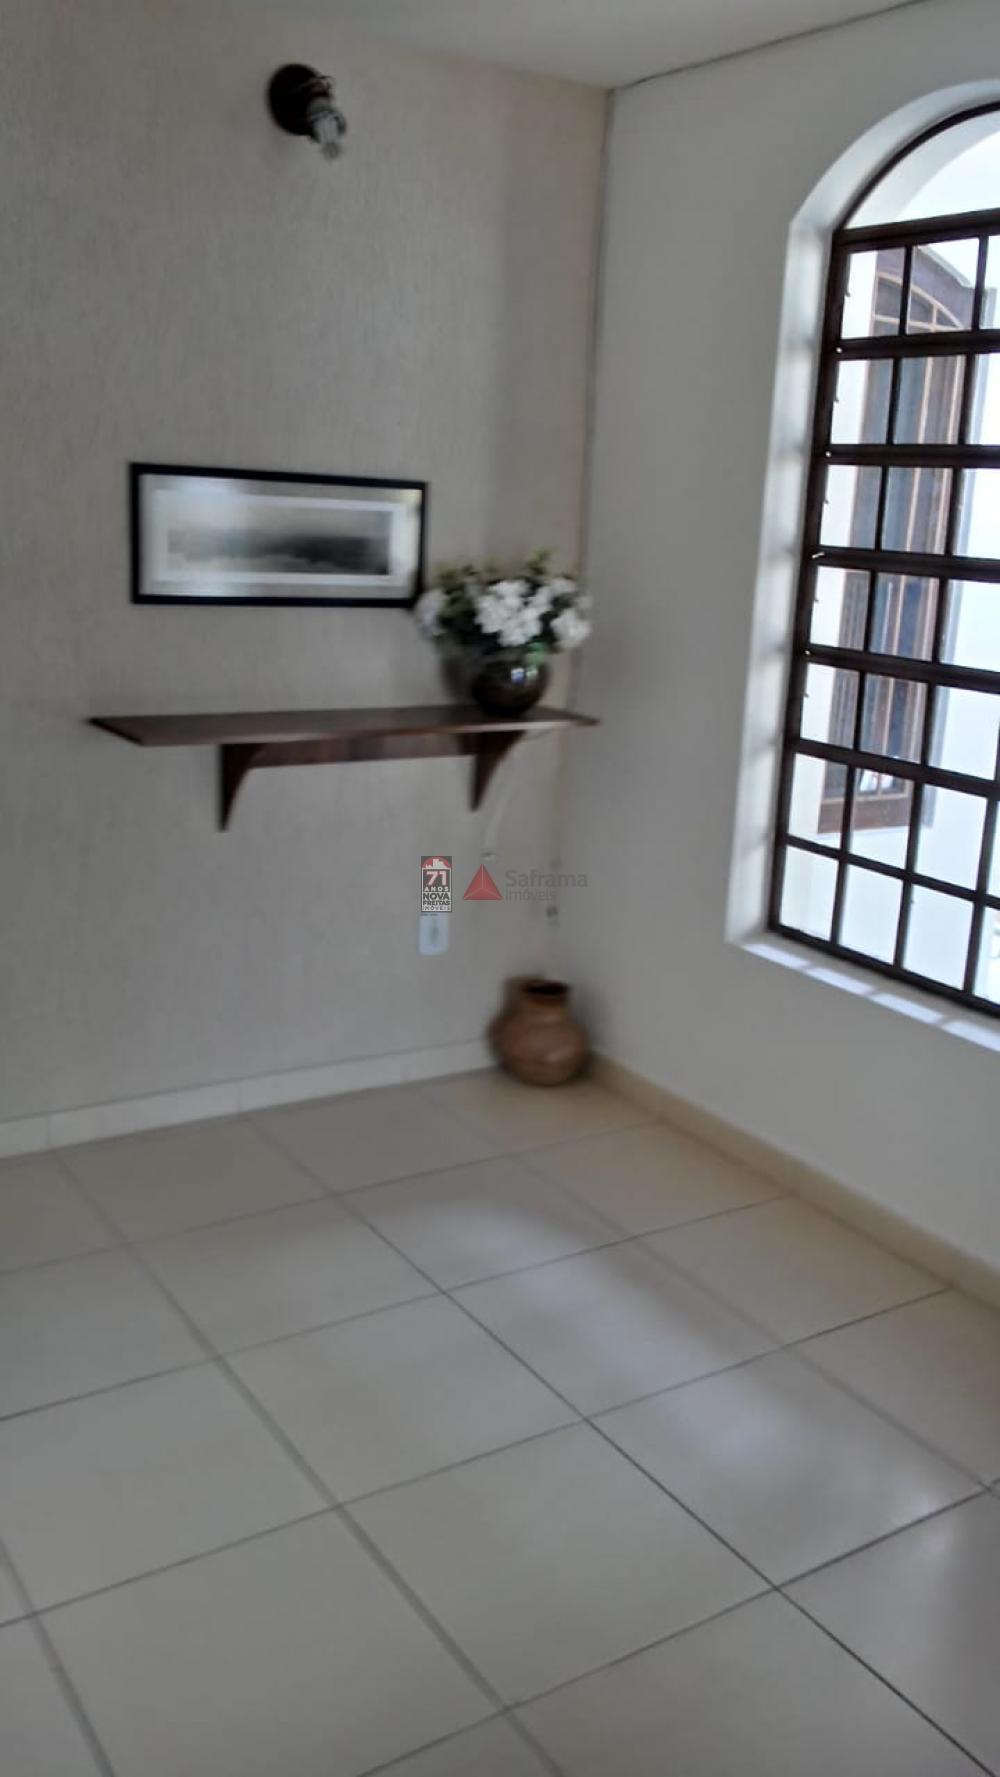 Alugar Casa / Padrão em São José dos Campos R$ 6.000,00 - Foto 10